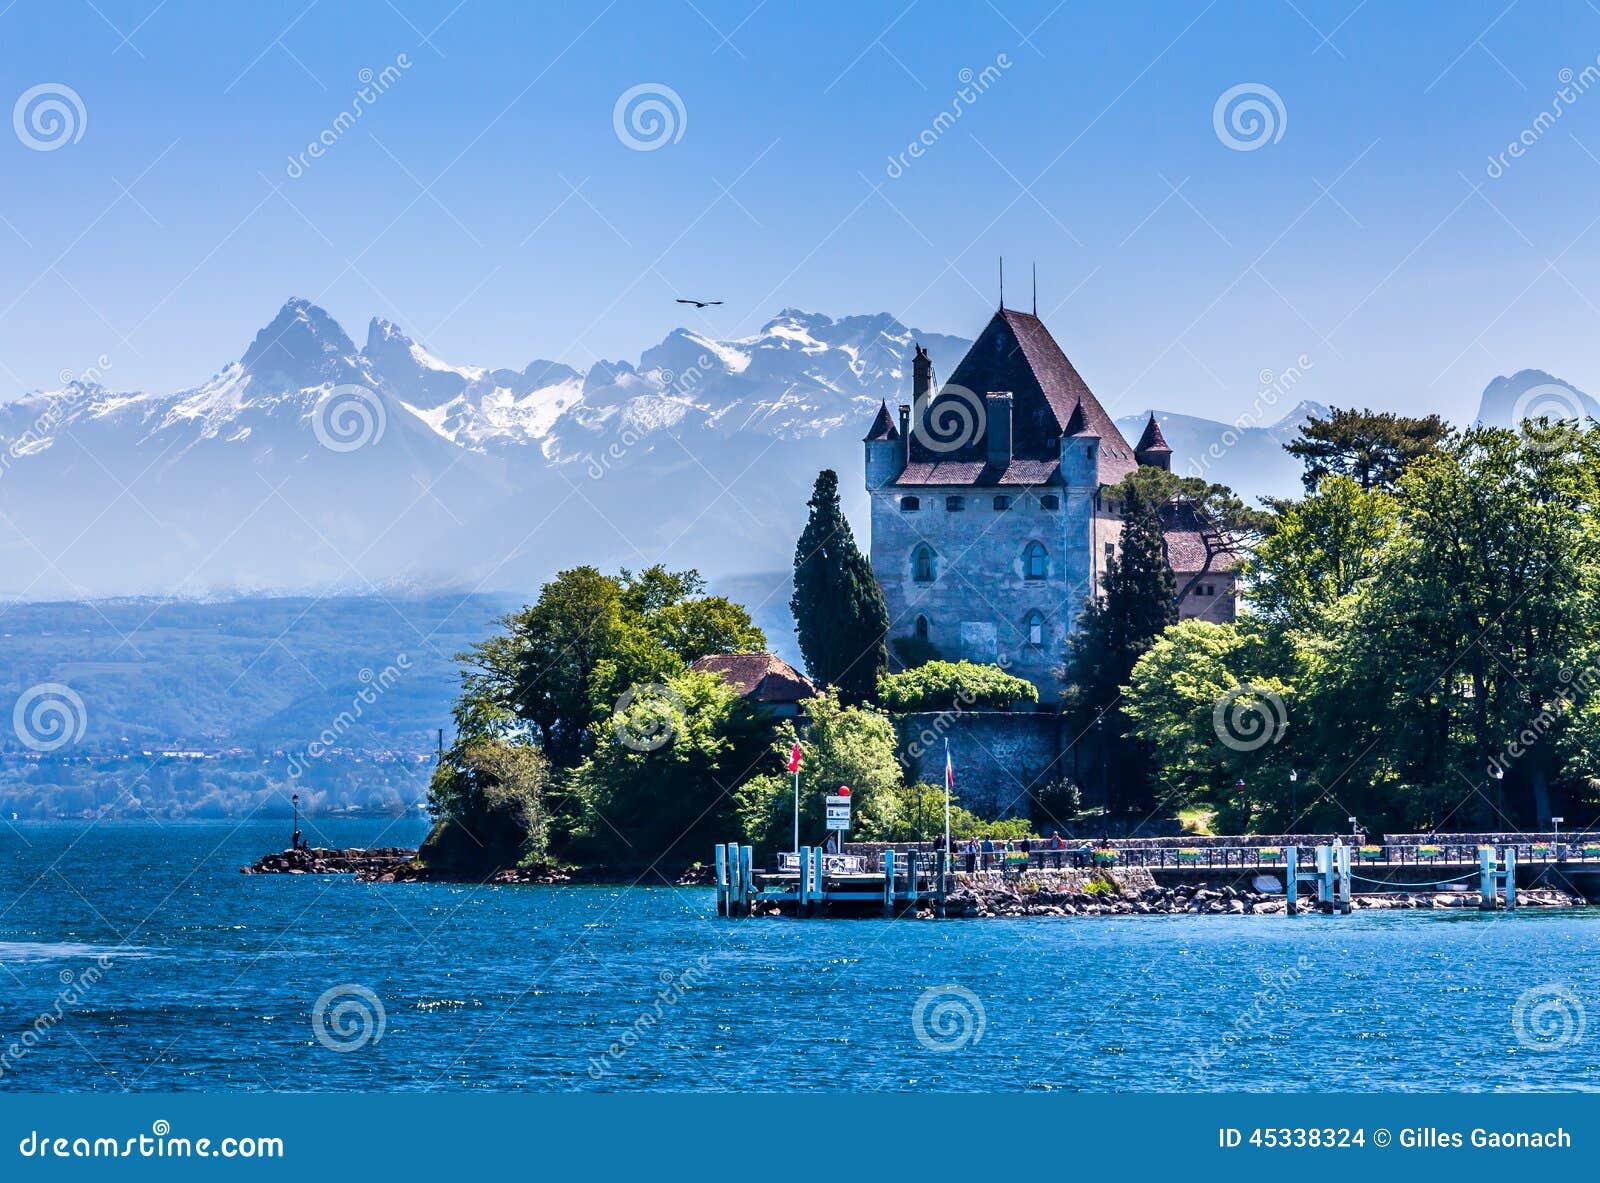 Yvoire et les alpes photo stock image 45338324 for Achat maison yvoire